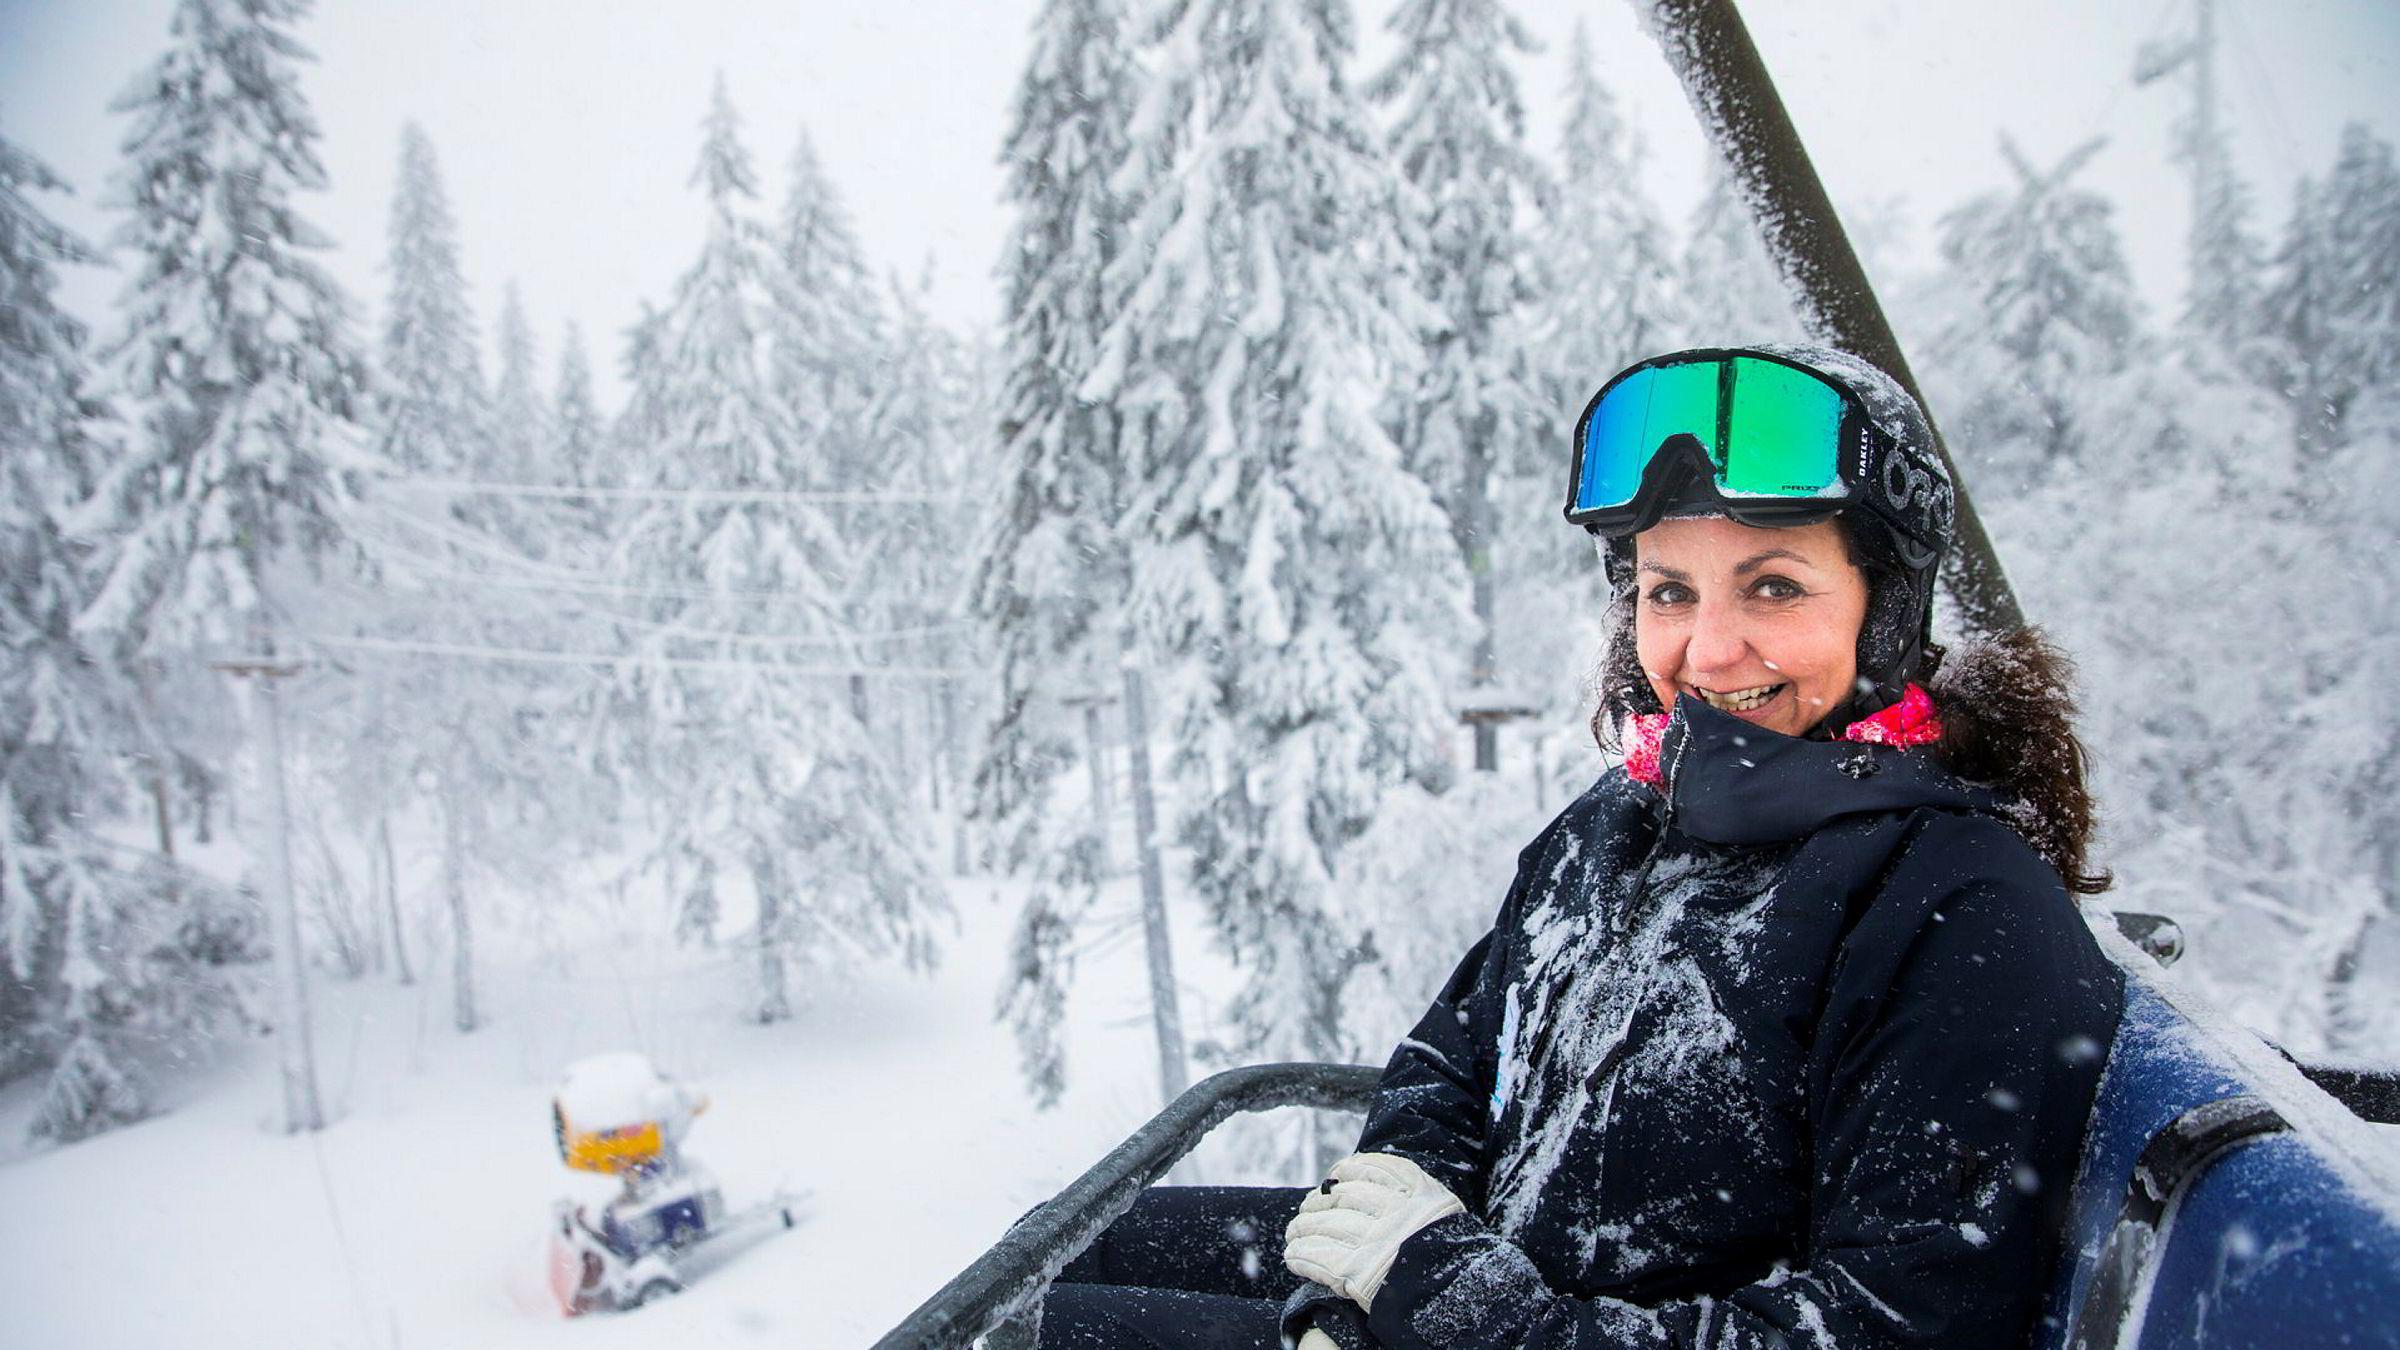 Camilla Sylling Clausen, generalsekretær Alpinanleggenes Landsforening, har aldri opplevd maken til rekordtall fra alpinanleggene med en vekst i heiskortsalget på 15 prosent.